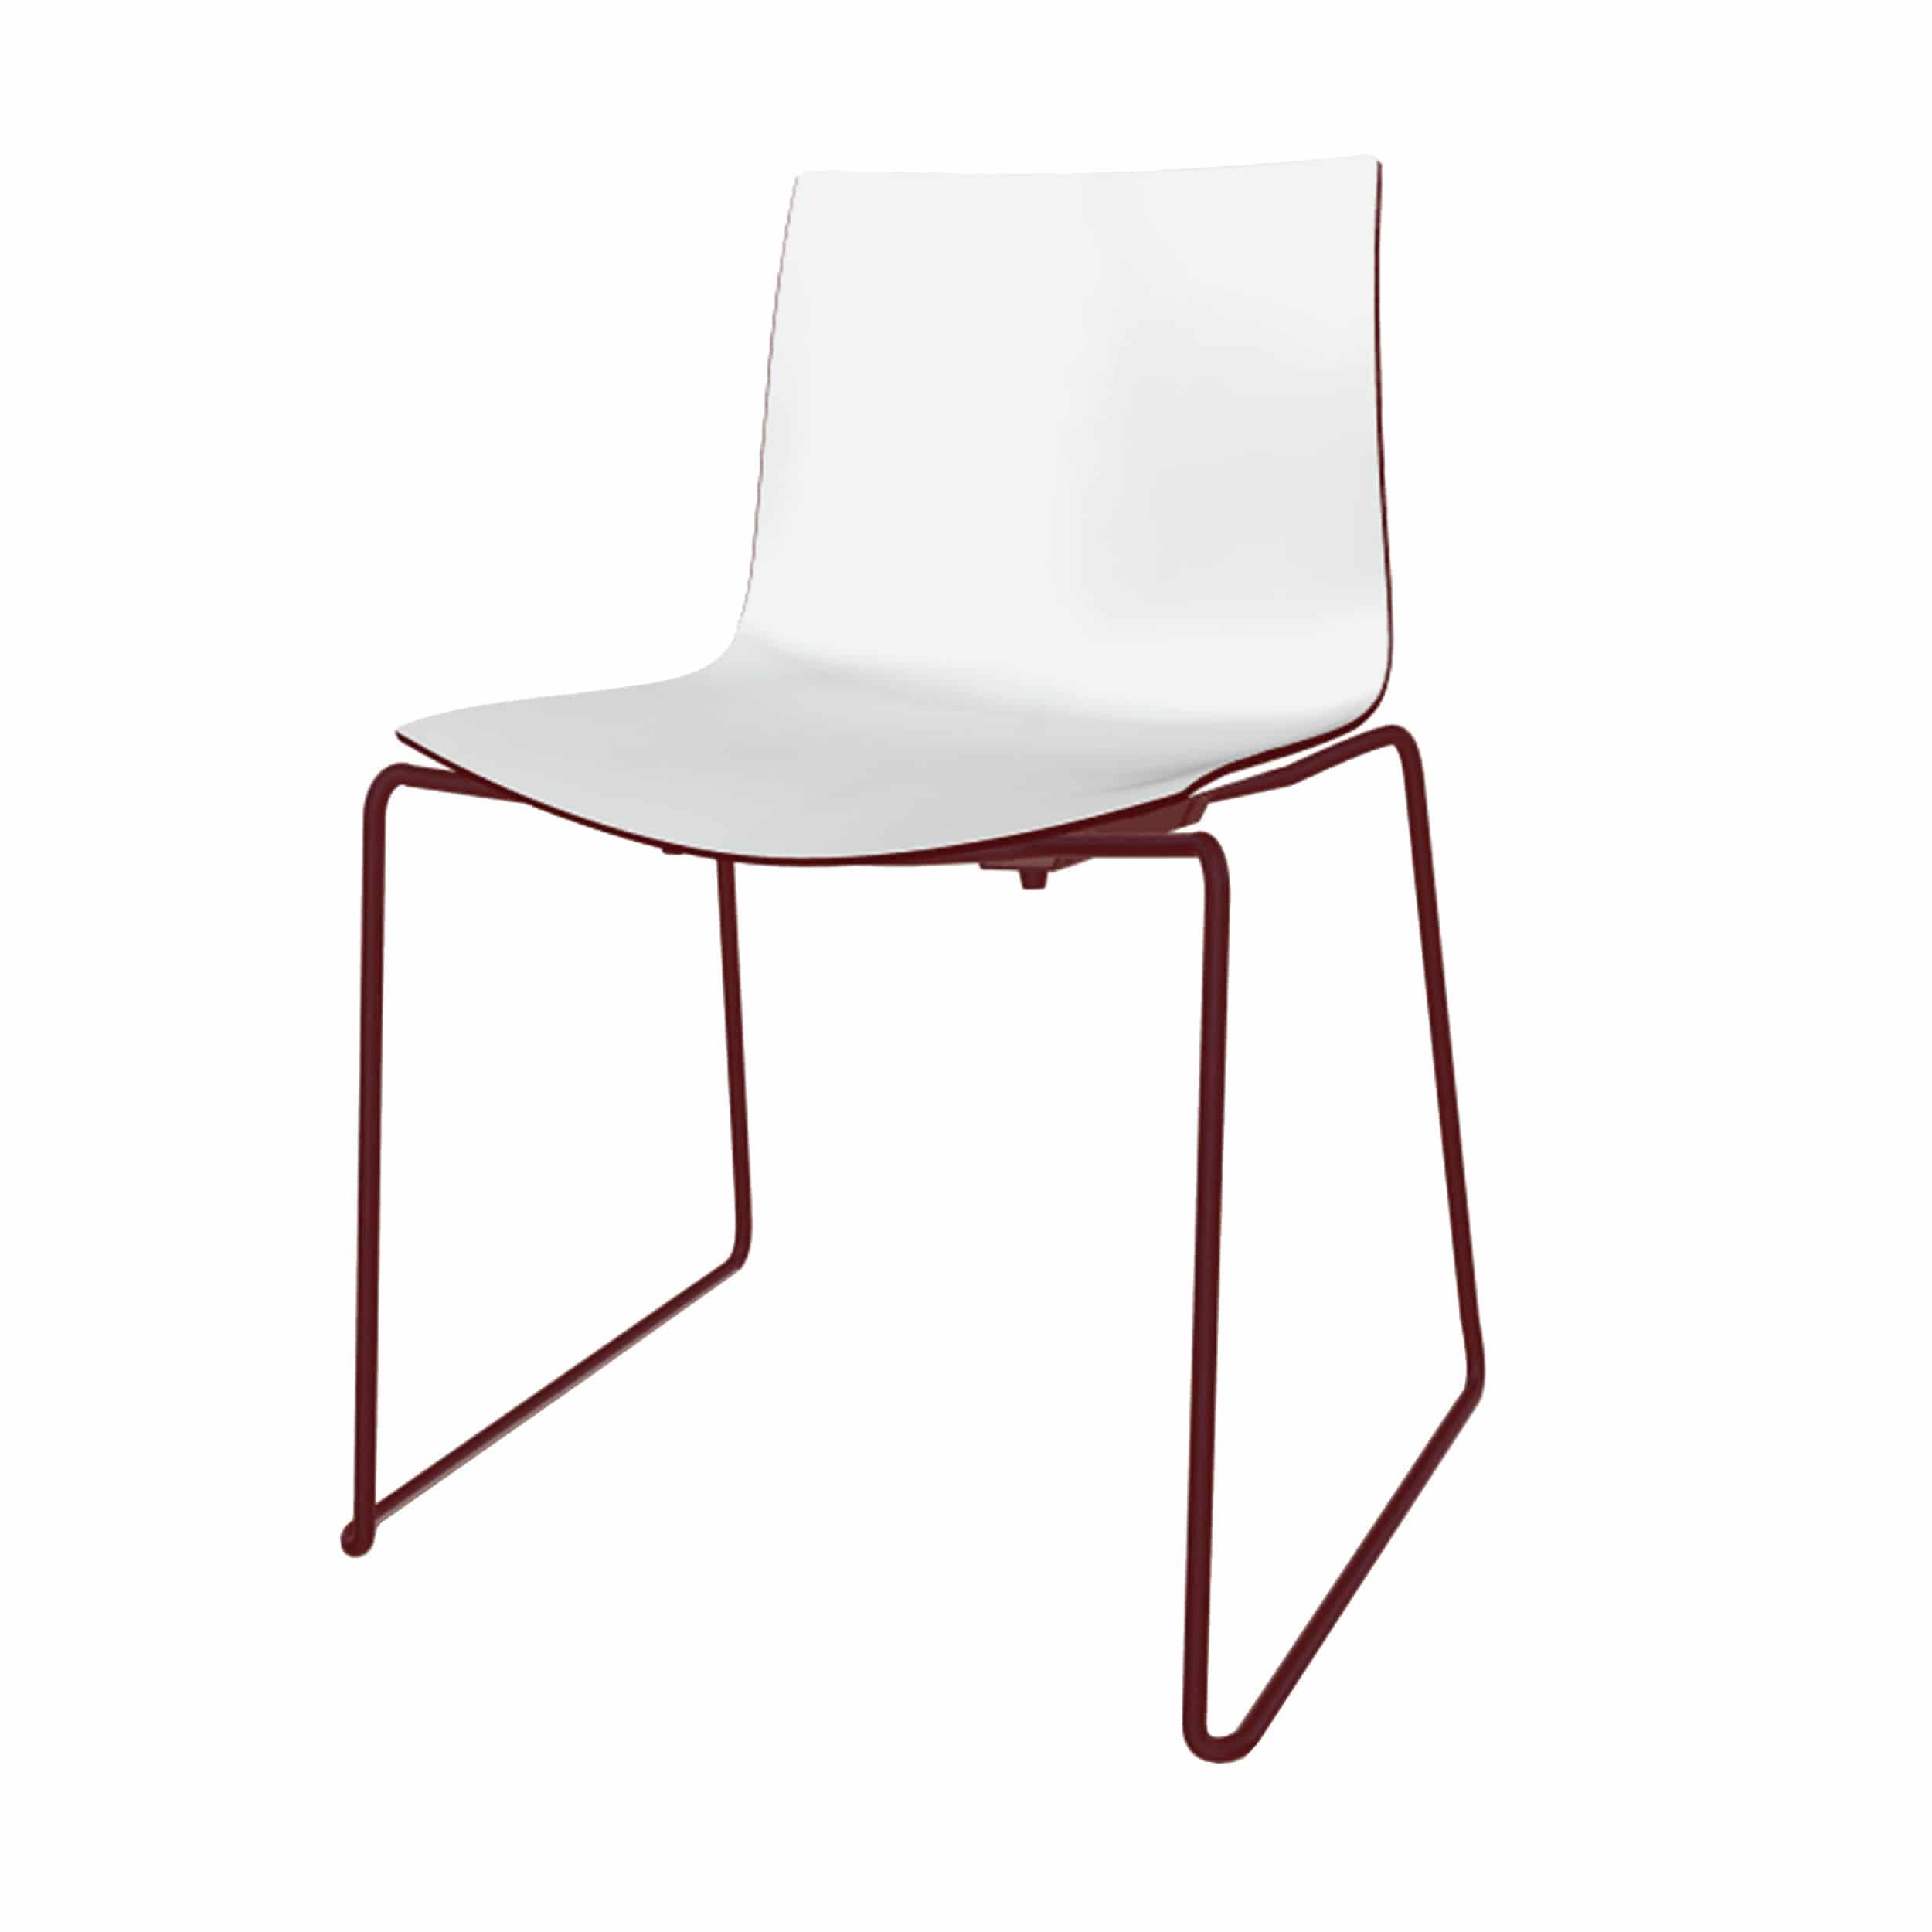 Catifa 46 Stuhl zweifarbig mit verchromten Kufen